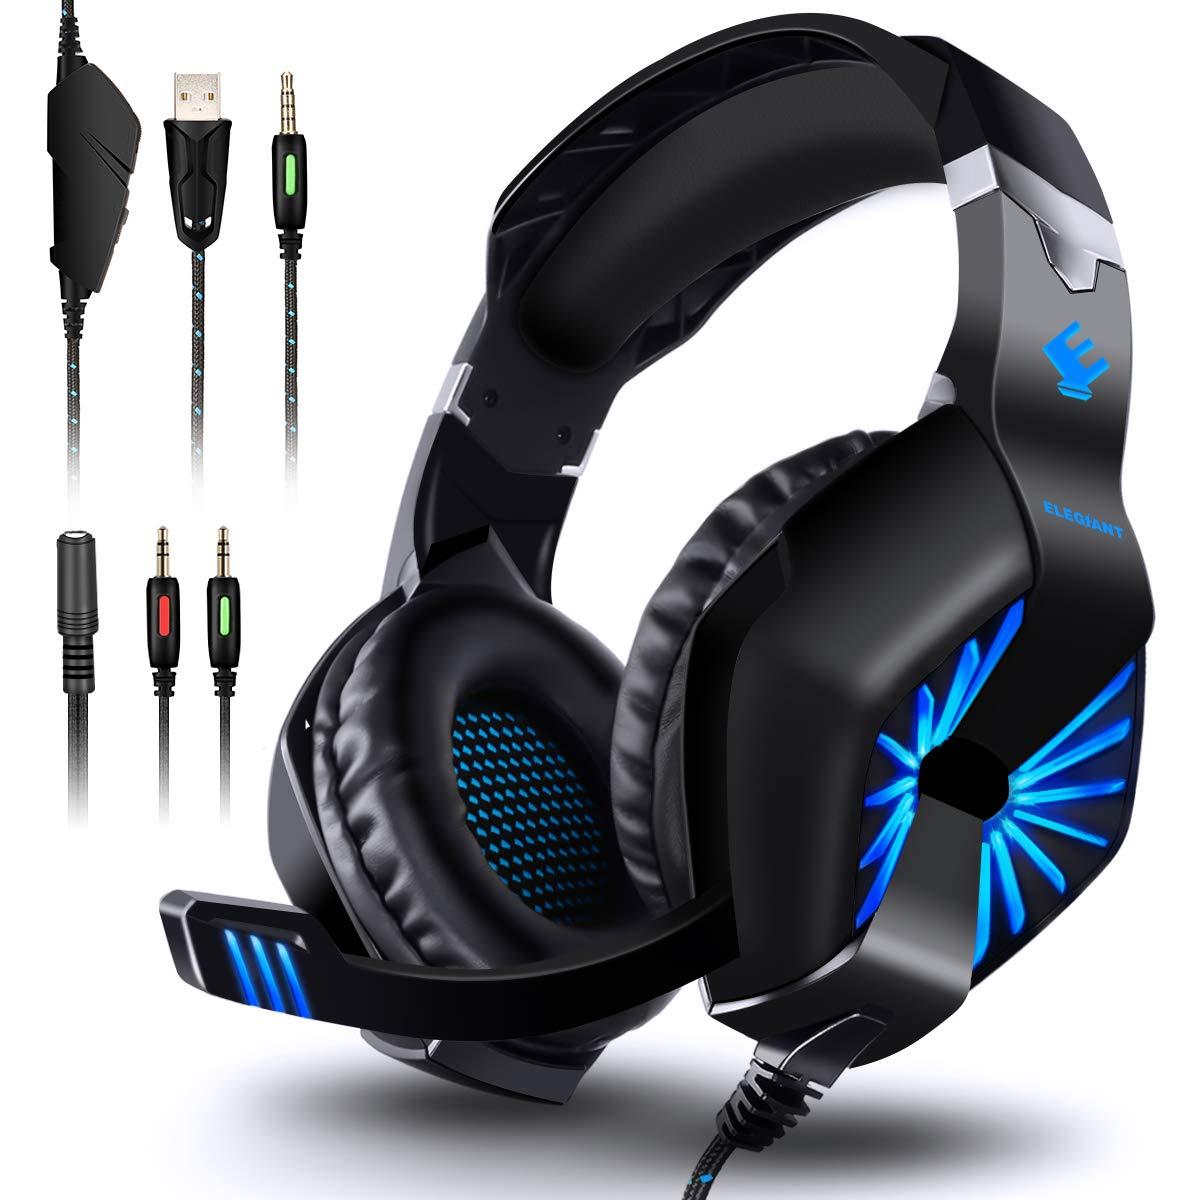 ELEGIANT Auriculares Gaming Cascos PC PS4 con Micrófono Led Cancelación de Ruido Sonido Envolvente para Xbox